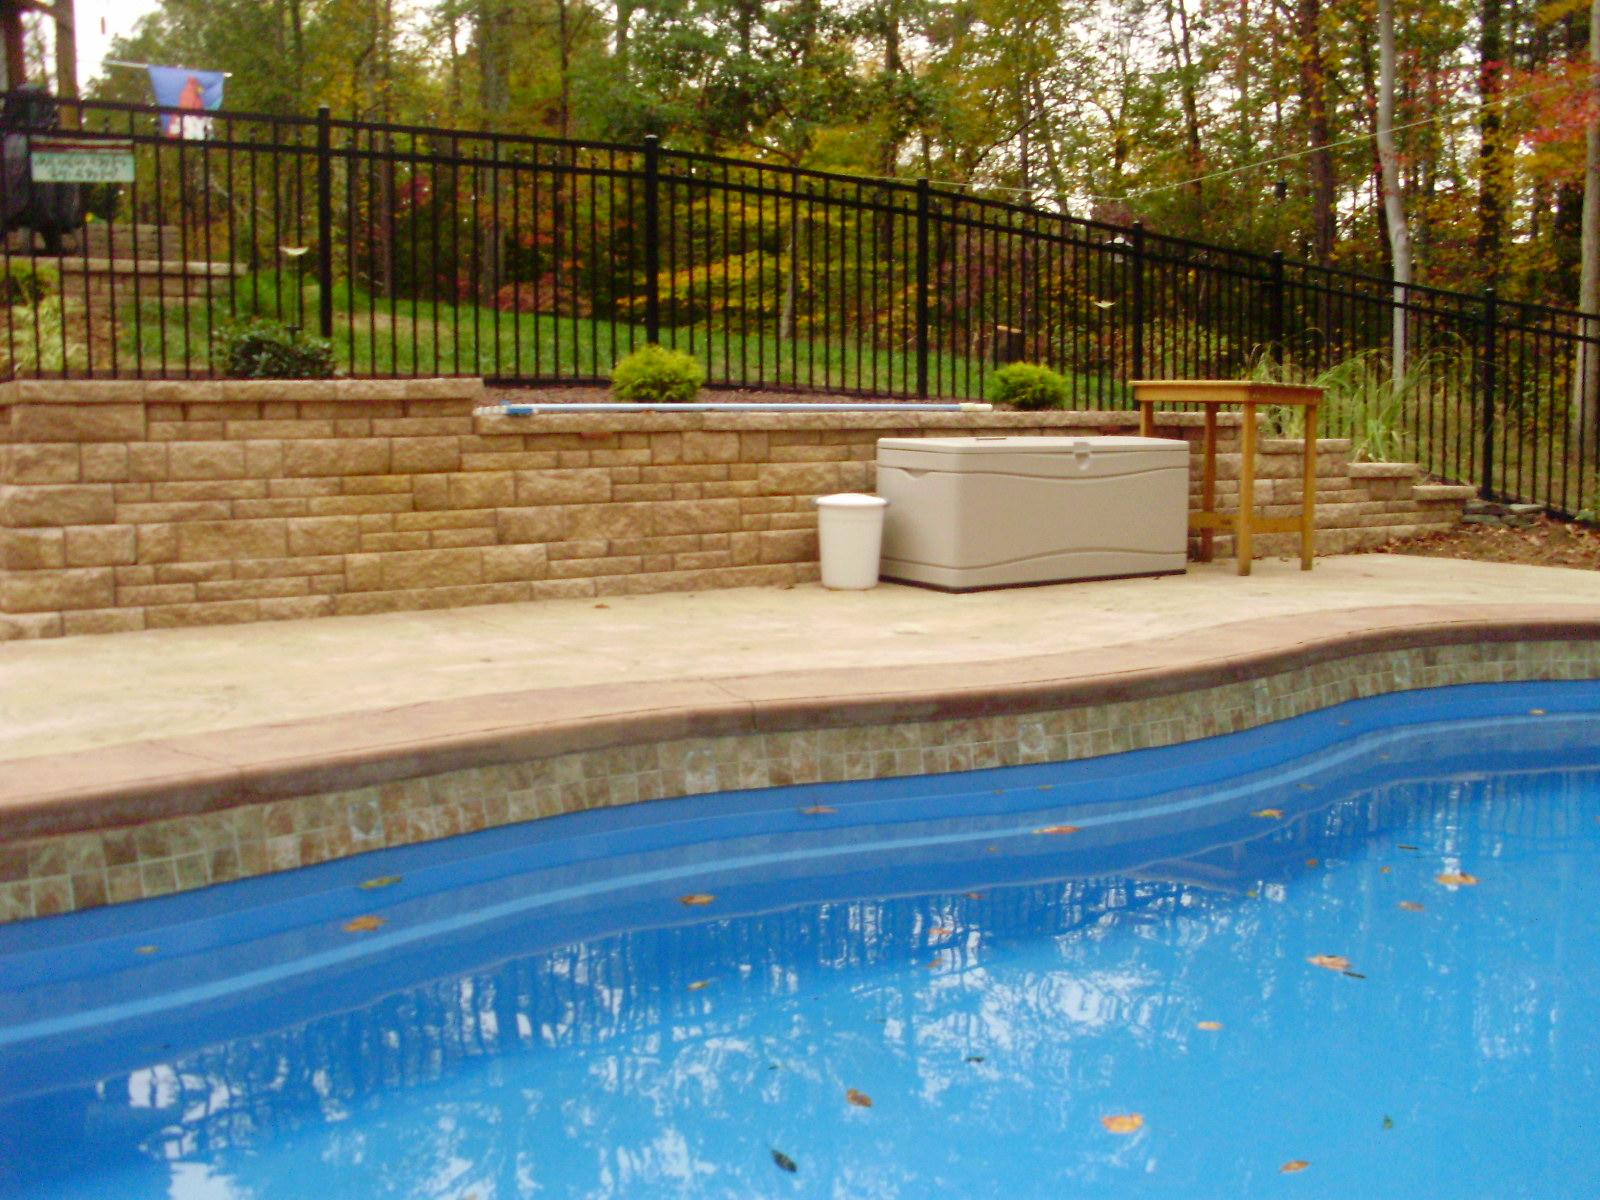 Pool Tile Beige 3x3 Water Line Tile